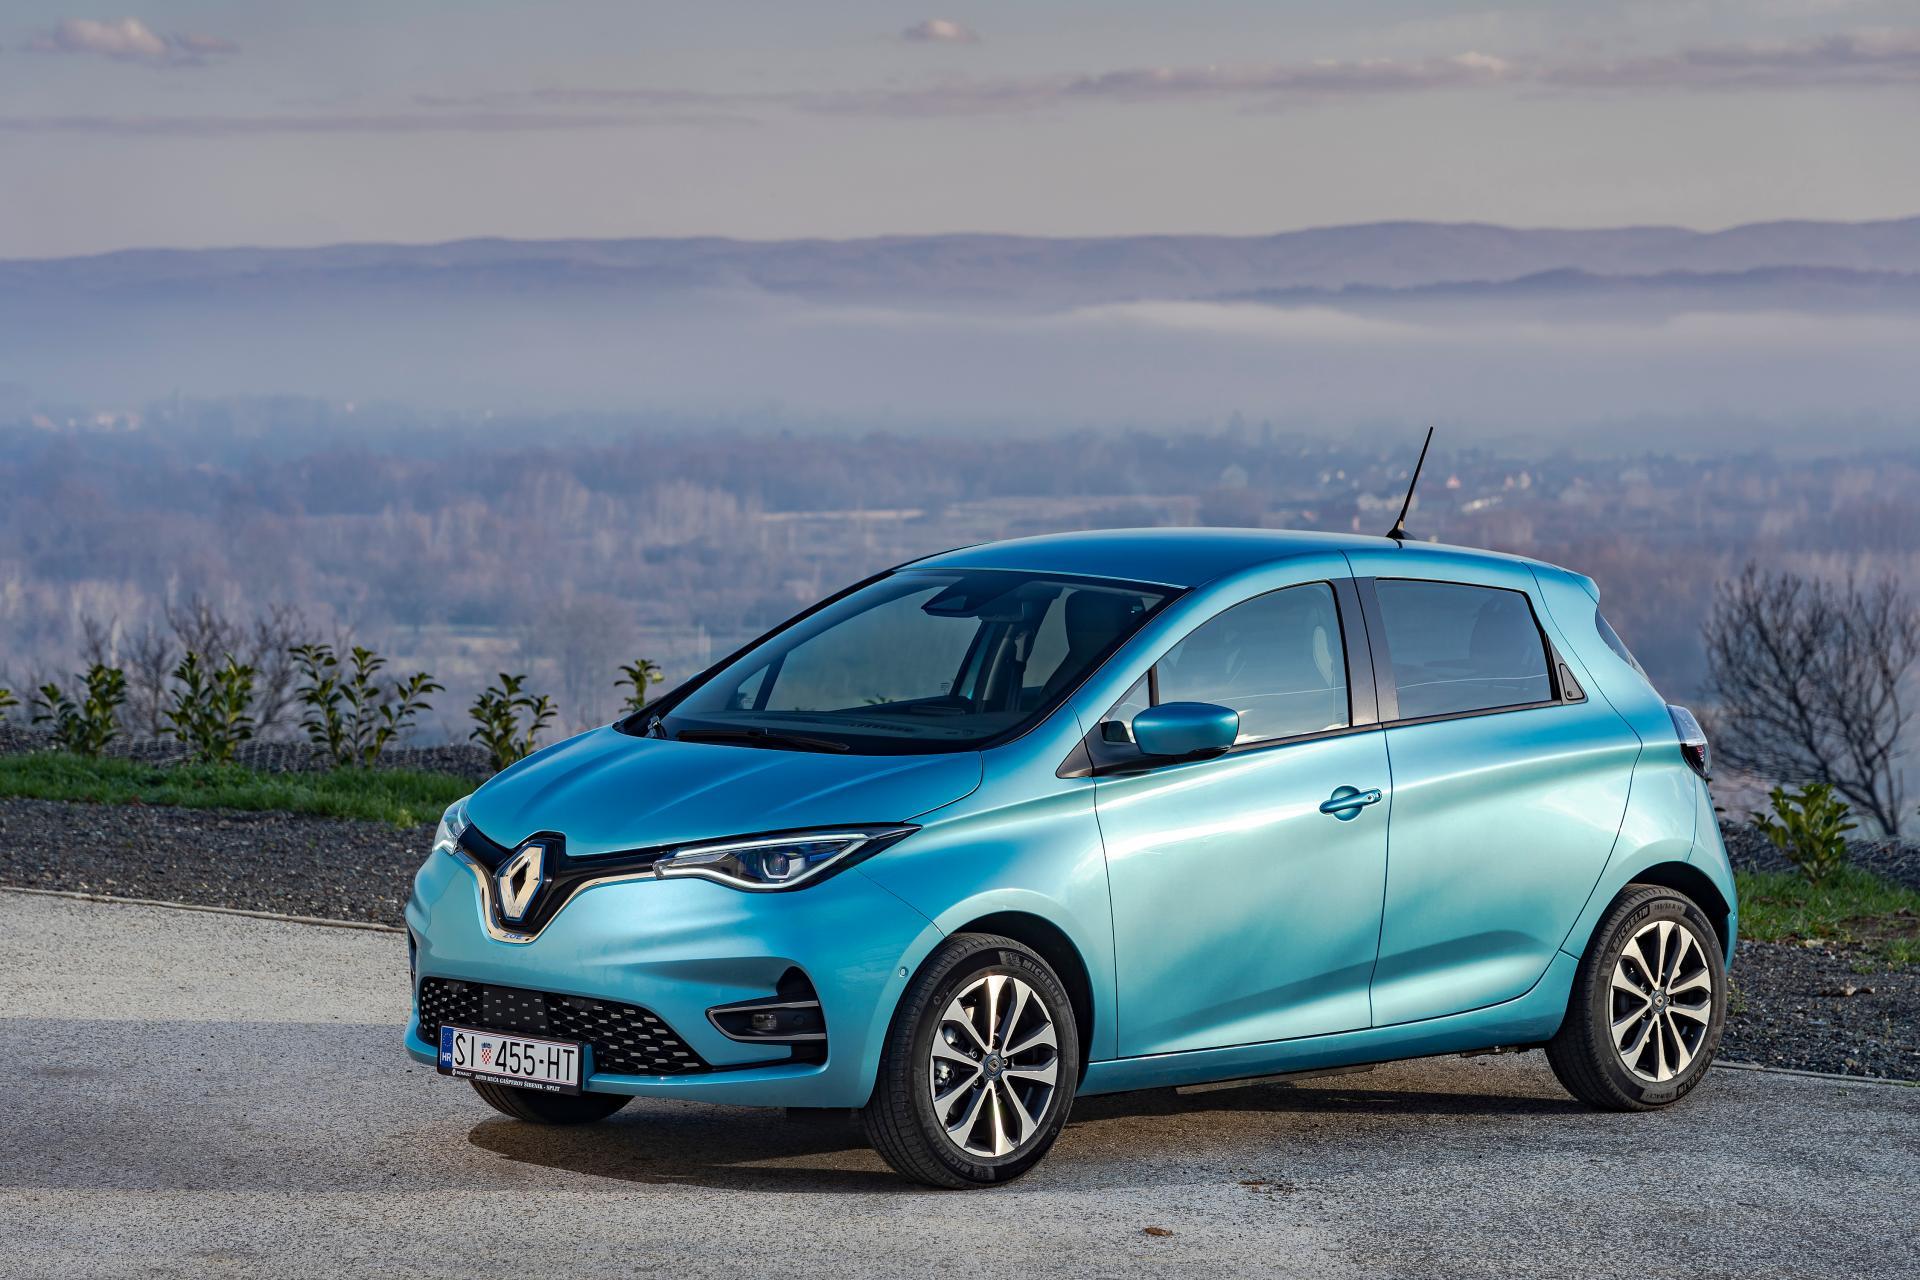 Frankreich: Verkäufe von Renault-Elektroautos boomen im ersten Halbjahr